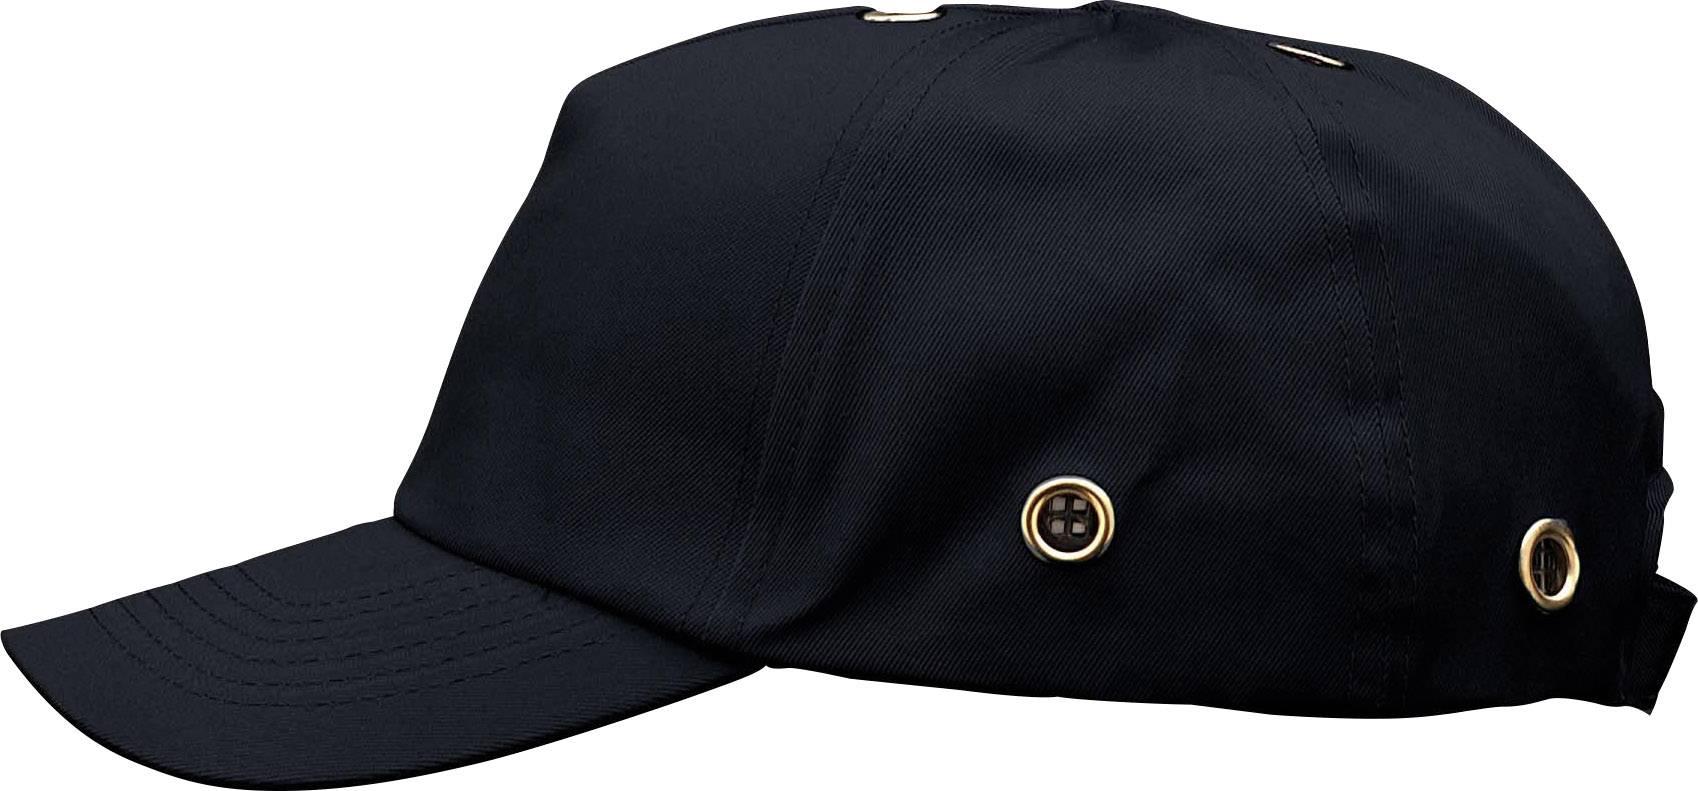 Pracovní kšiltovka Voss Helme, 2687, černá